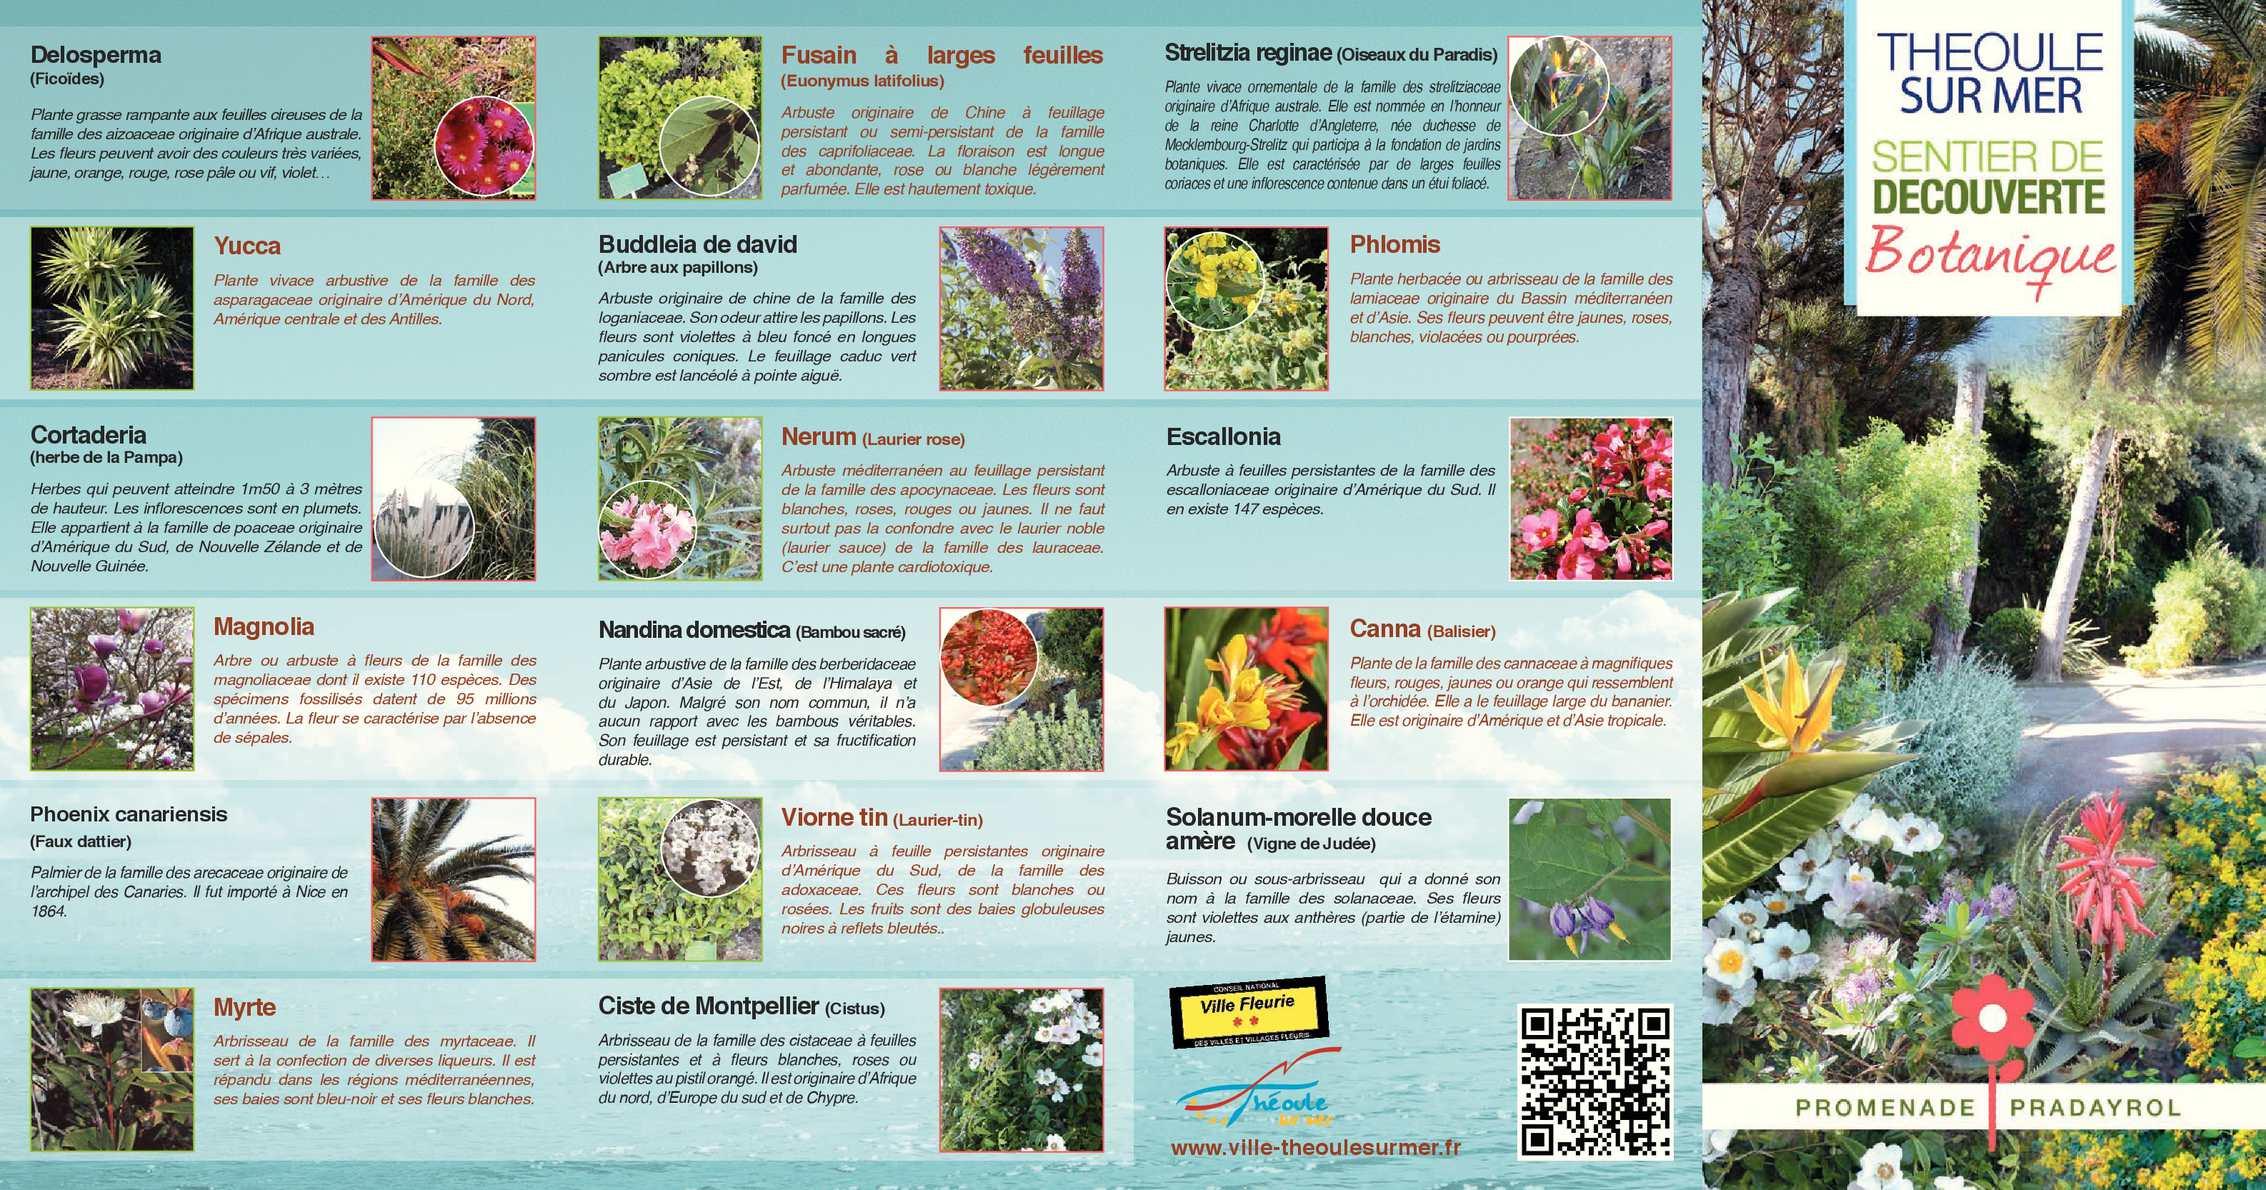 Arbuste Fleuri Feuillage Persistant calaméo - sentier de découverte botanique - théoule-sur-mer